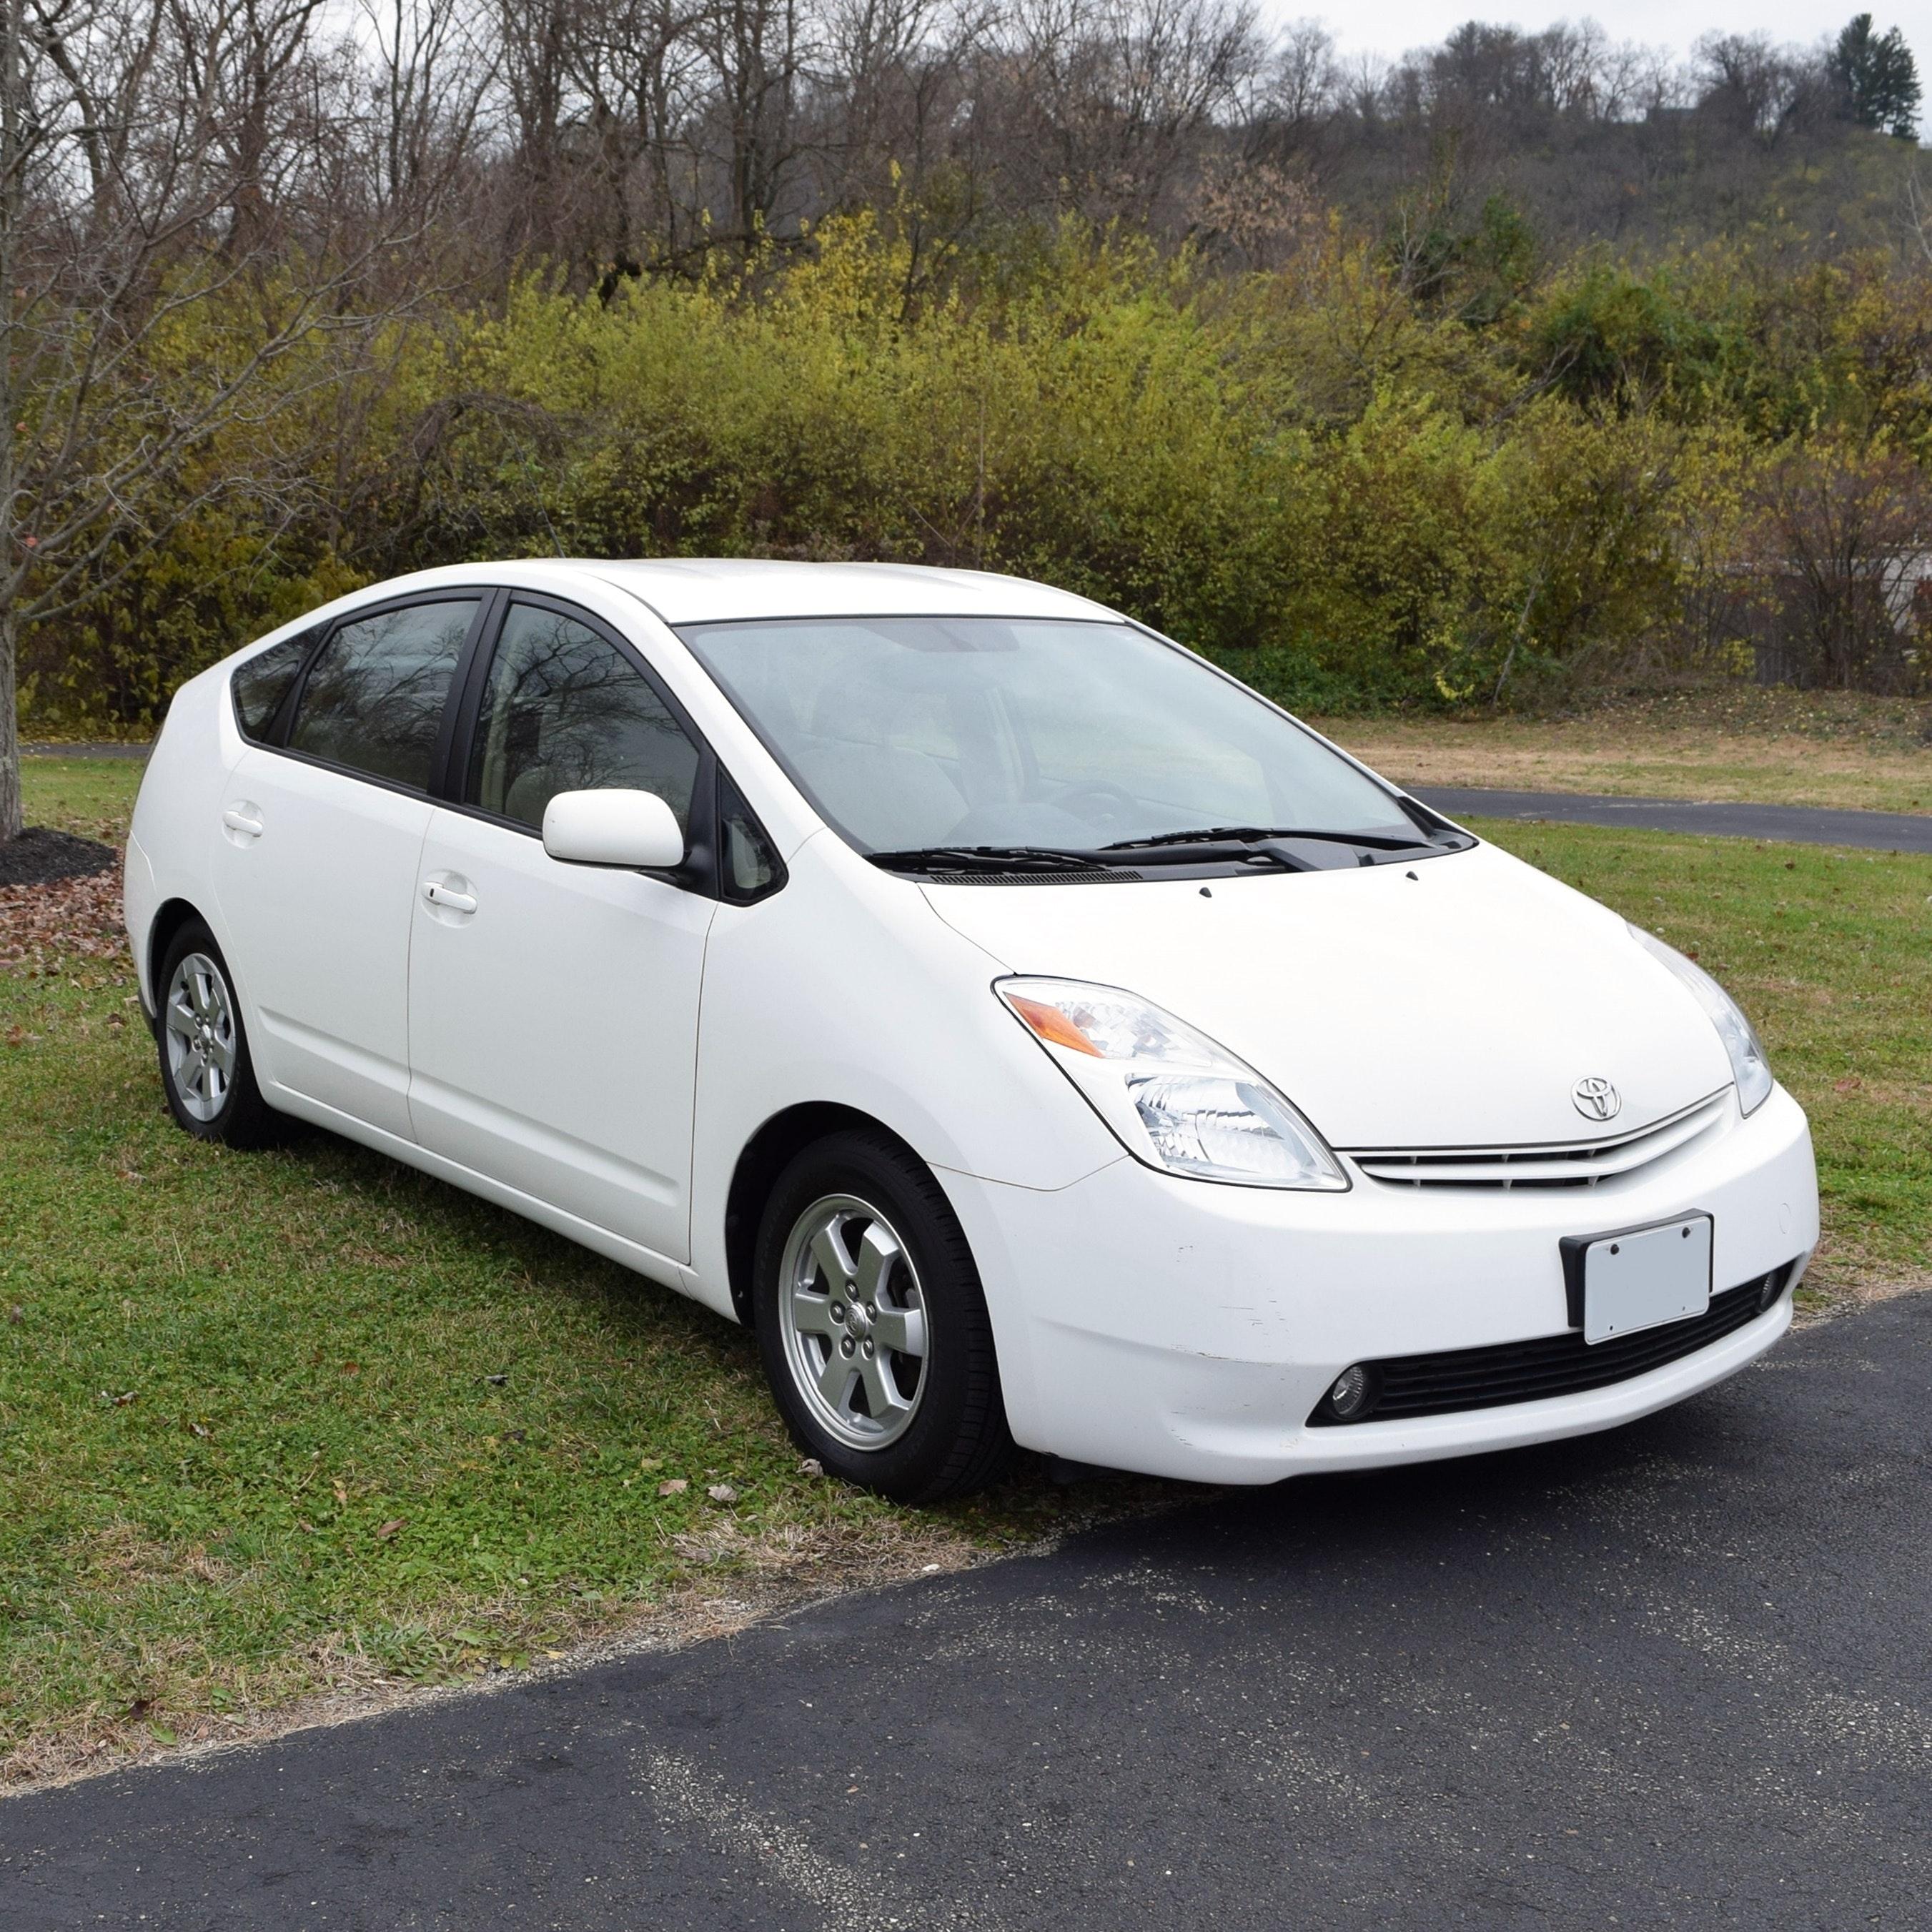 2005 Toyota Prius Hybrid Four Door Sedan in Super White